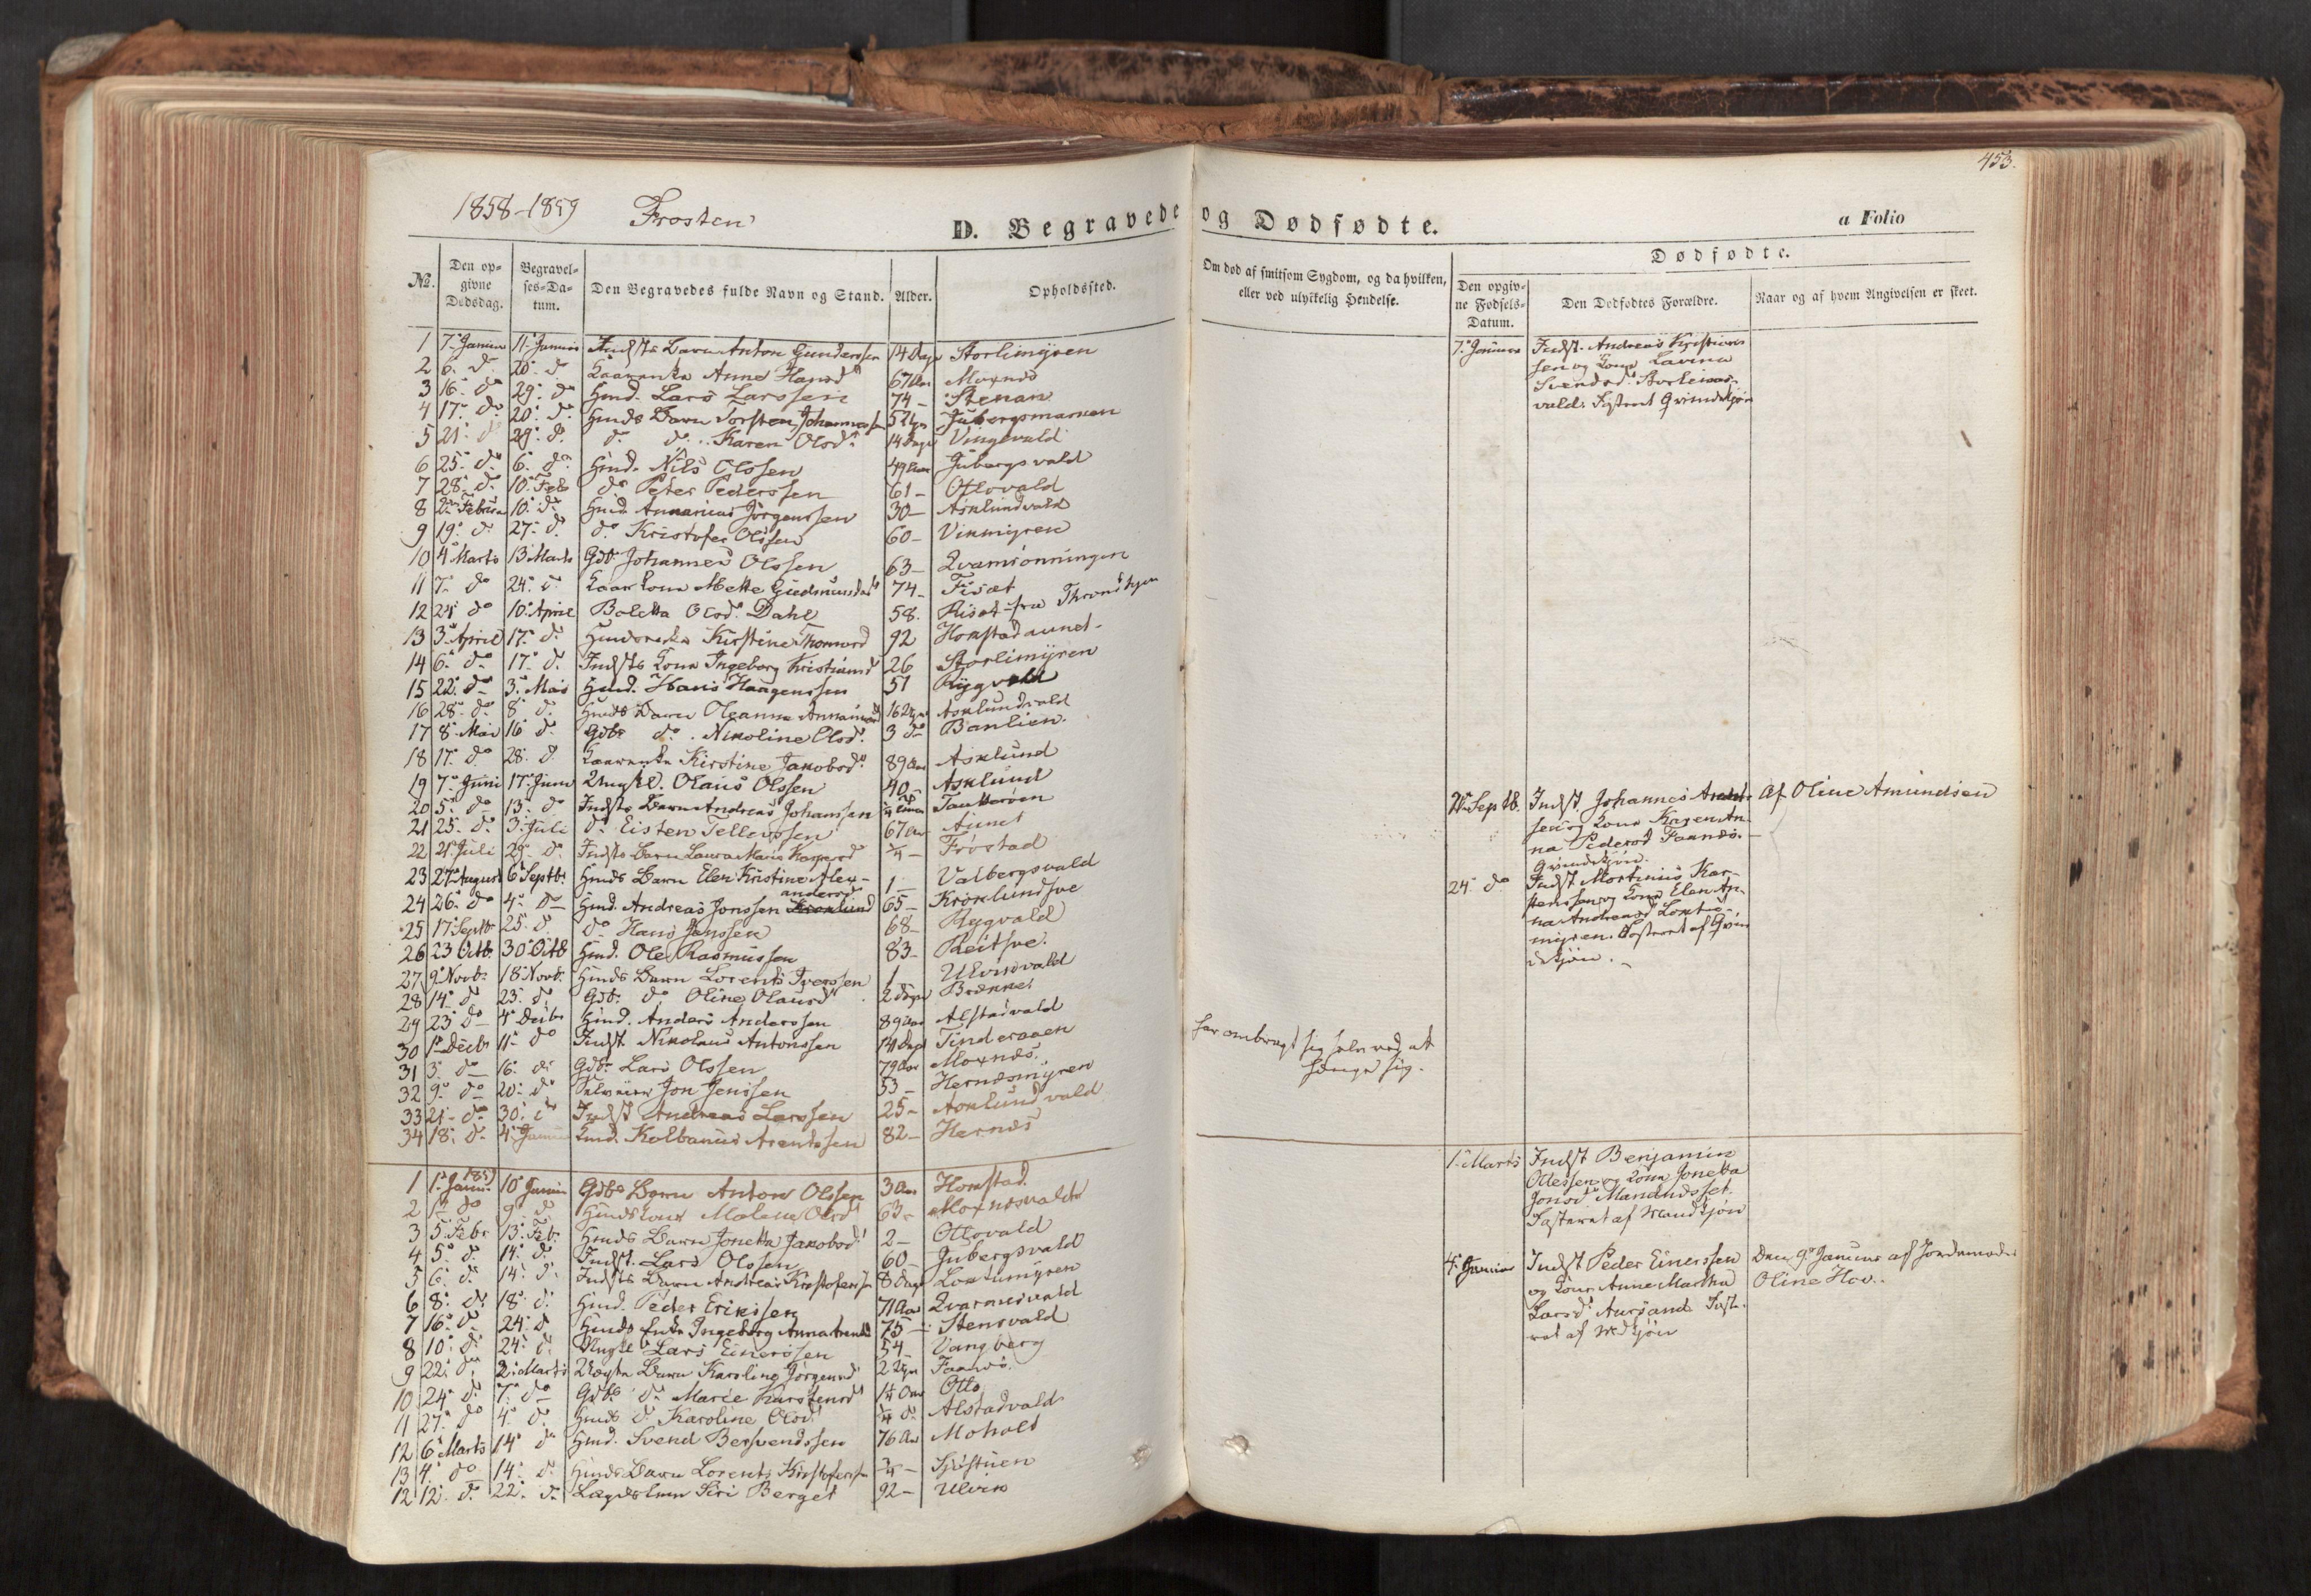 SAT, Ministerialprotokoller, klokkerbøker og fødselsregistre - Nord-Trøndelag, 713/L0116: Ministerialbok nr. 713A07, 1850-1877, s. 453